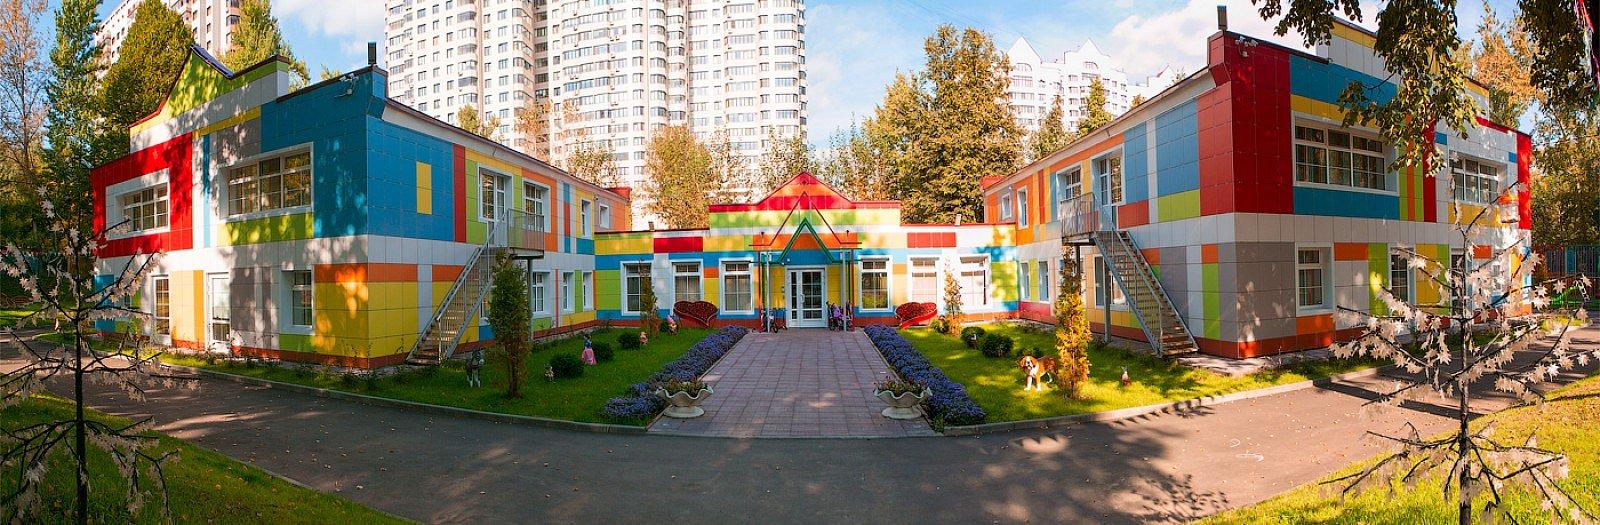 Уникальные и современные детские сады строят для юных москвичей